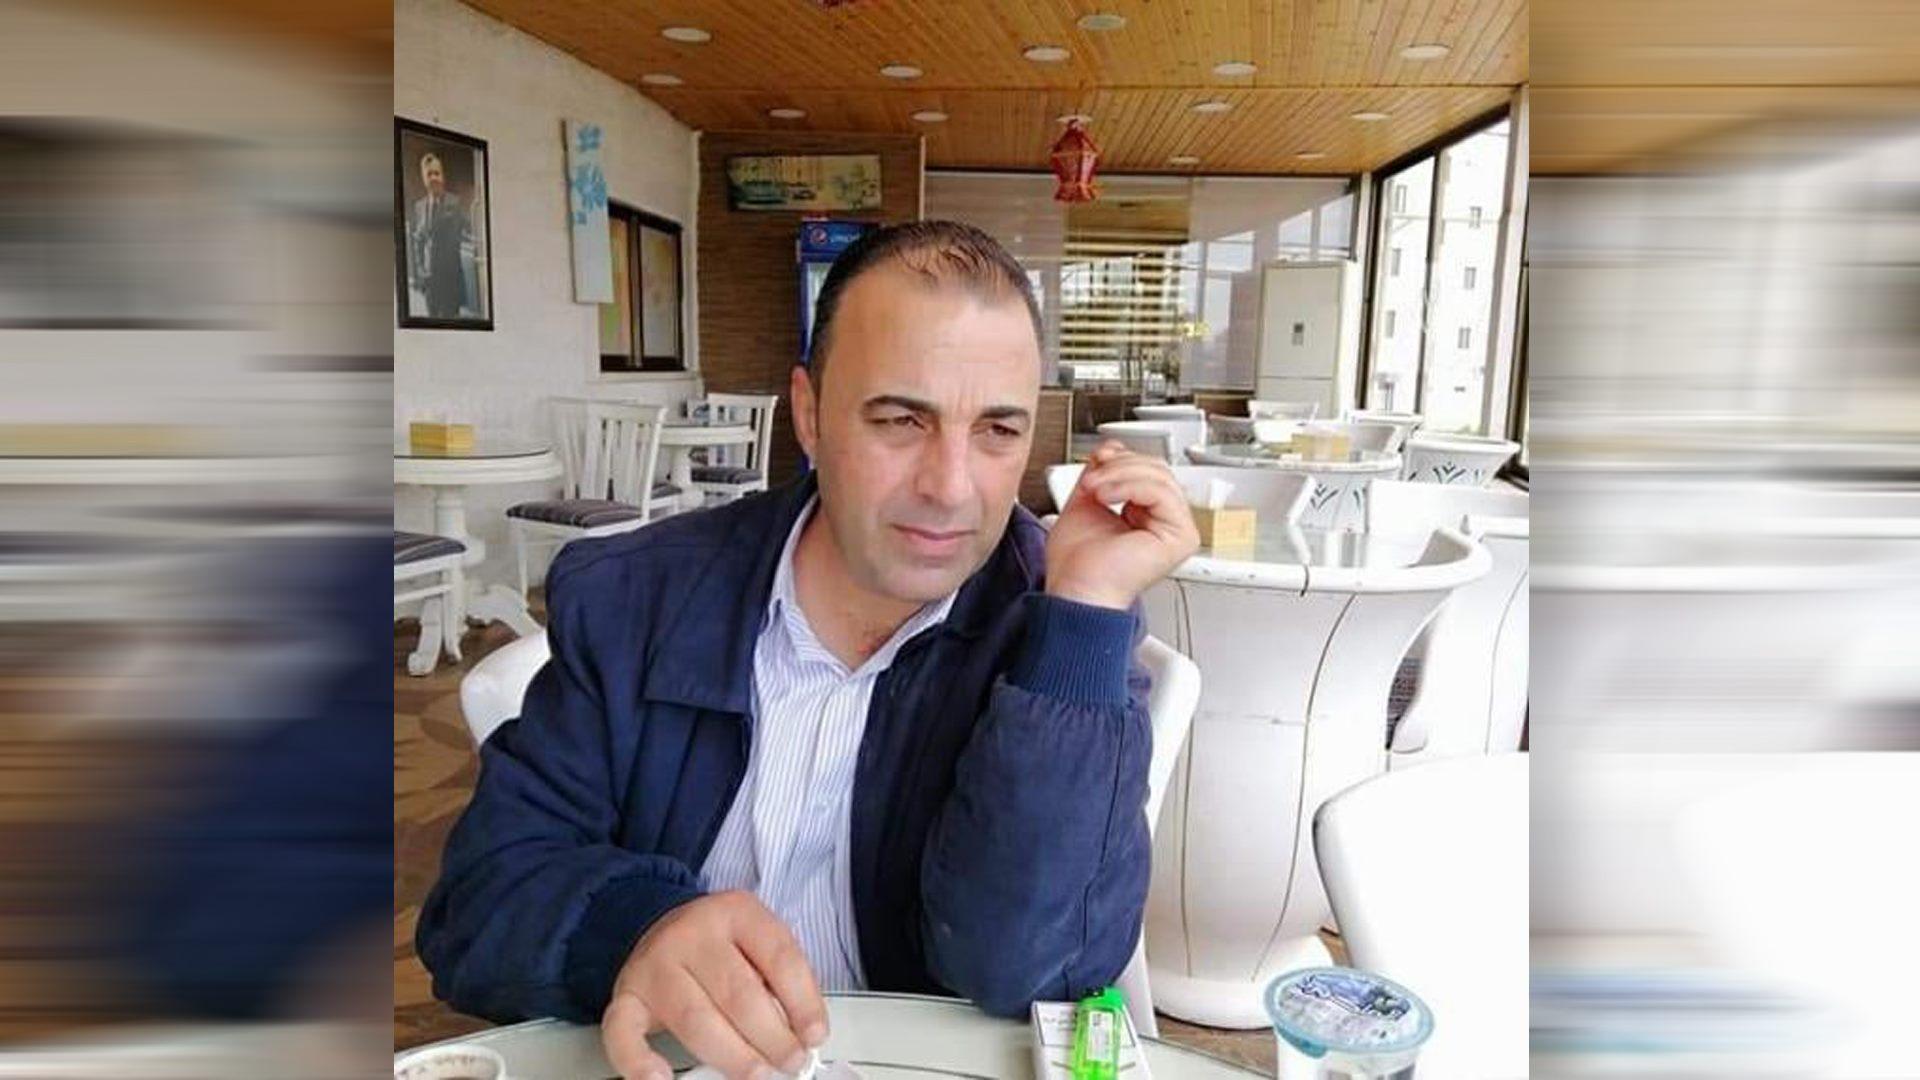 Jordanie... L'arrestation d'un journaliste est un acte d'intimidation contre le personnel de la presse